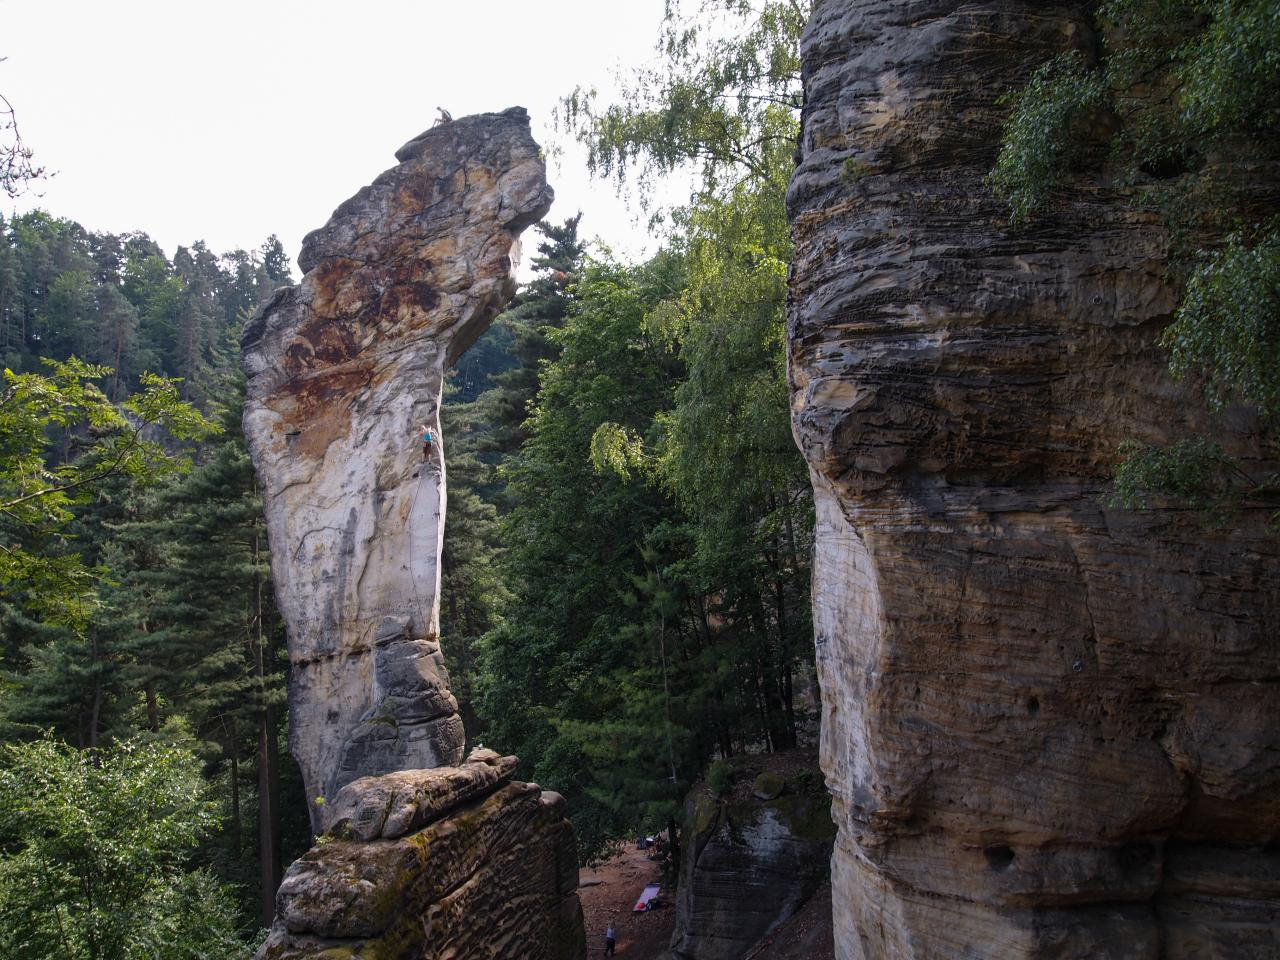 A picture from Příhrazy by Jan Zahula